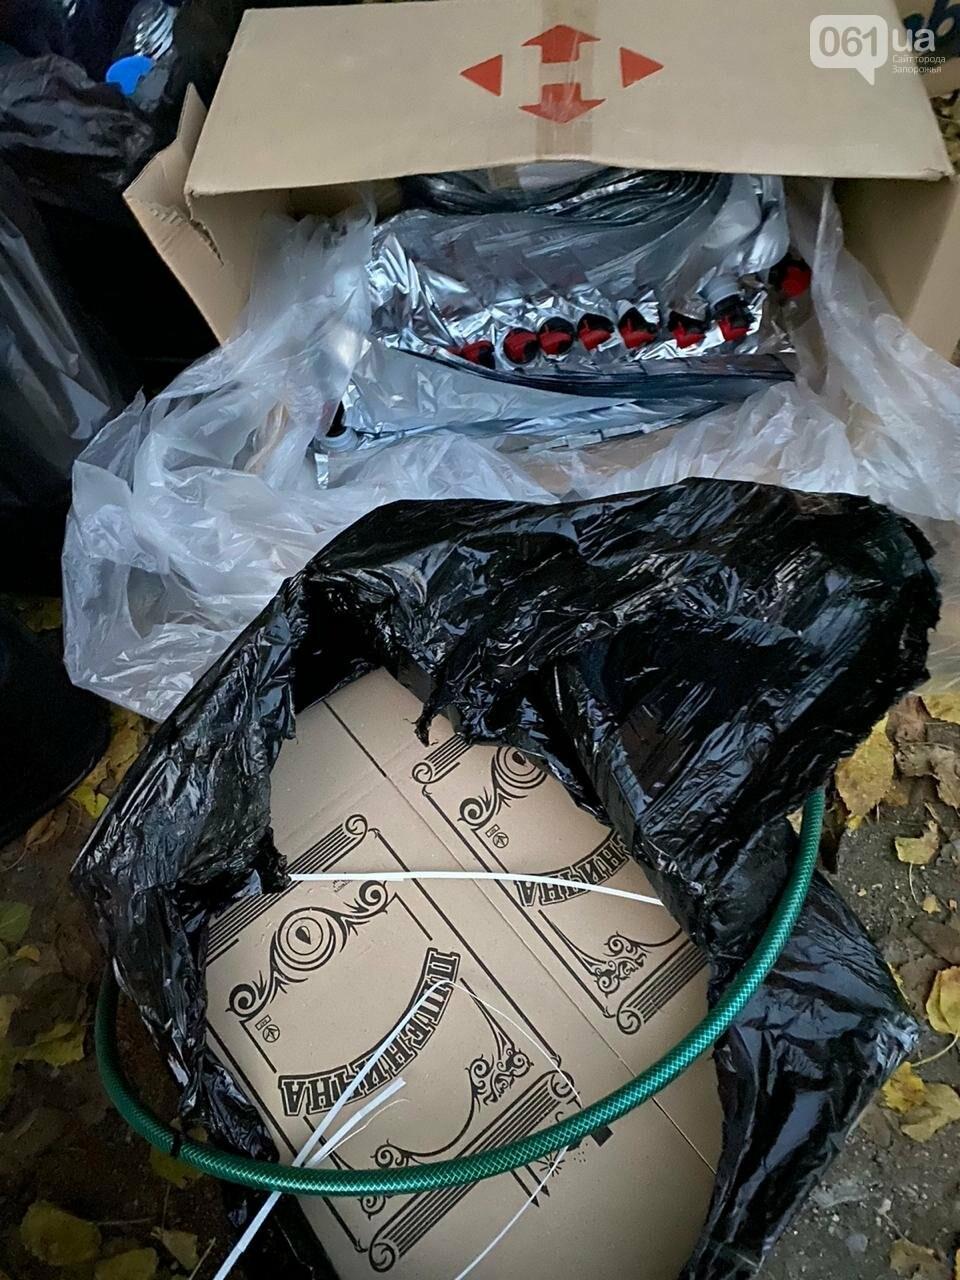 В Запорожской области обнаружили 2,5 тонны фальсифицированного алкоголя, фото-14